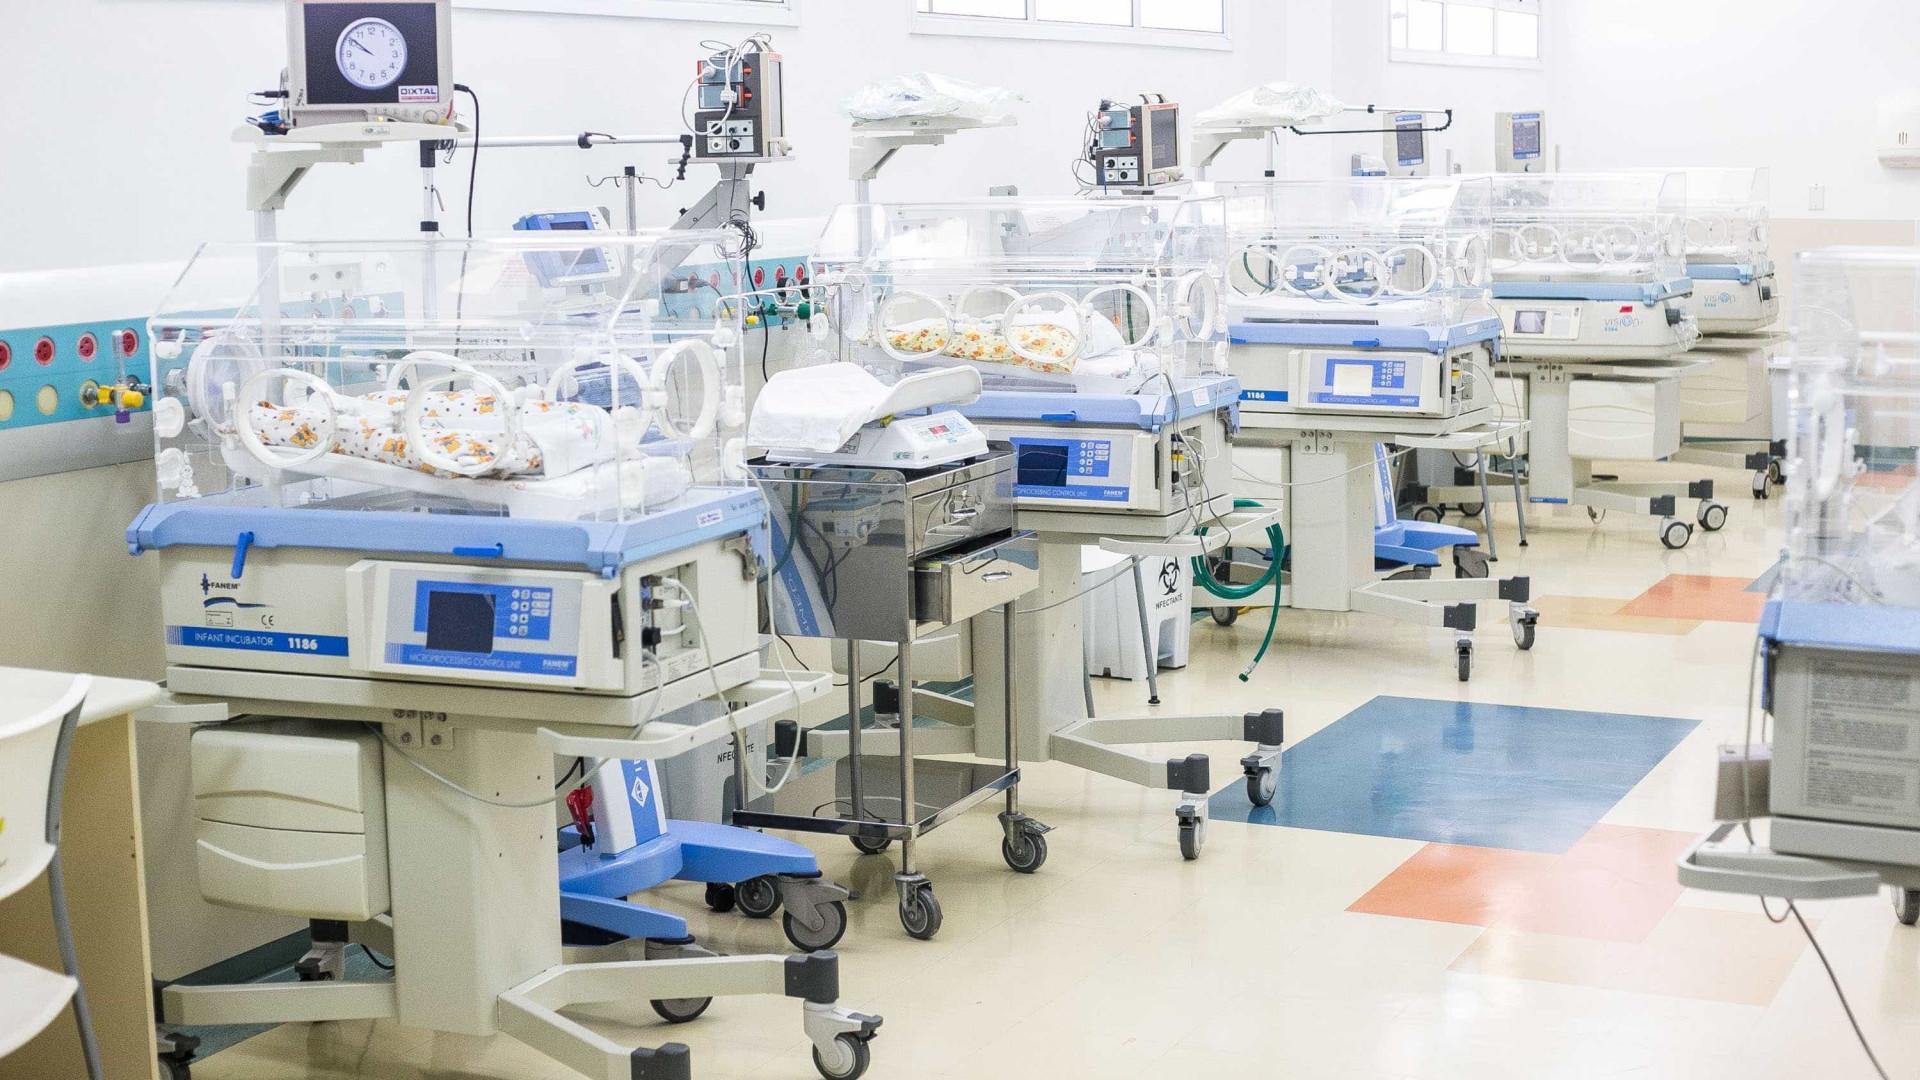 Pai de bebê que sumiu em hospital acredita que filho foi vendido